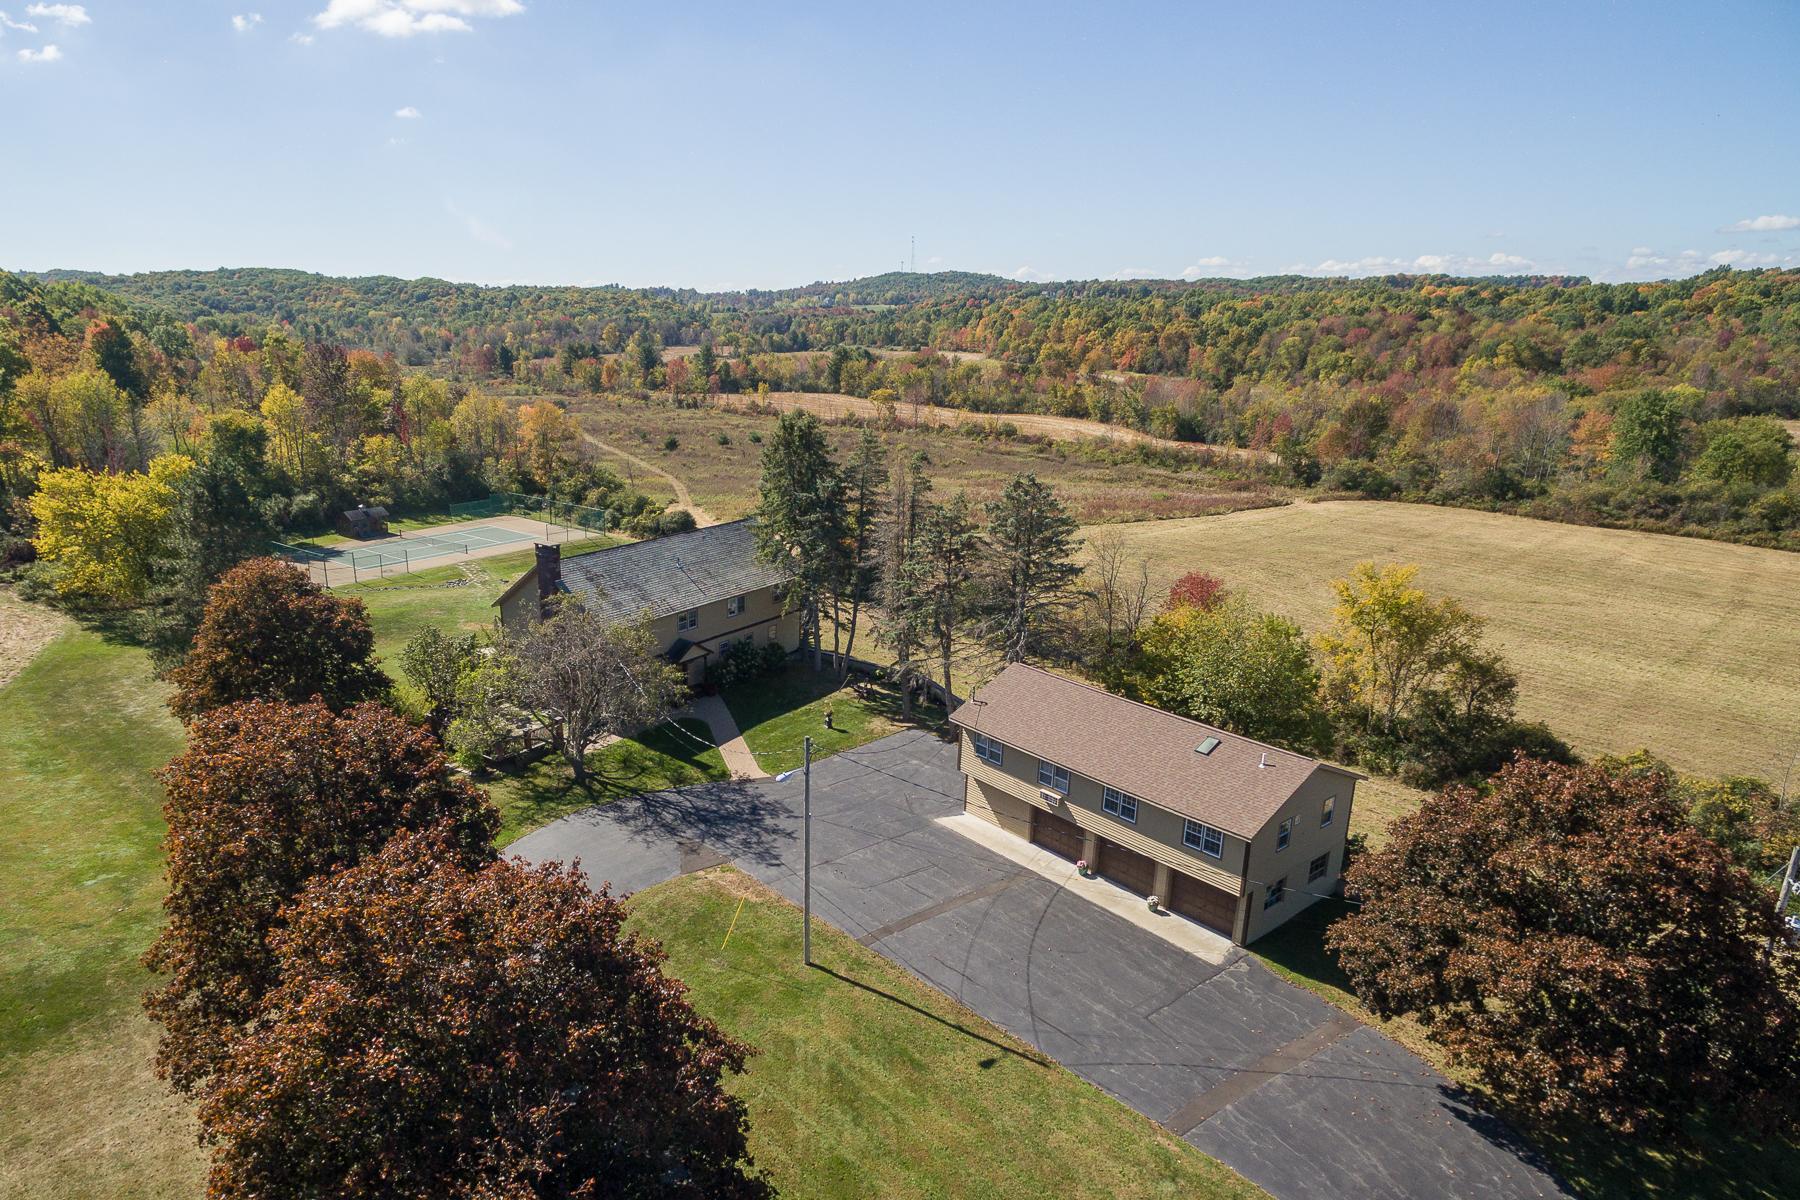 独户住宅 为 销售 在 Custom Home on 67 Acres in Stillwater 411 Cedar Bluff Rd 斯蒂尔沃特, 12170 美国